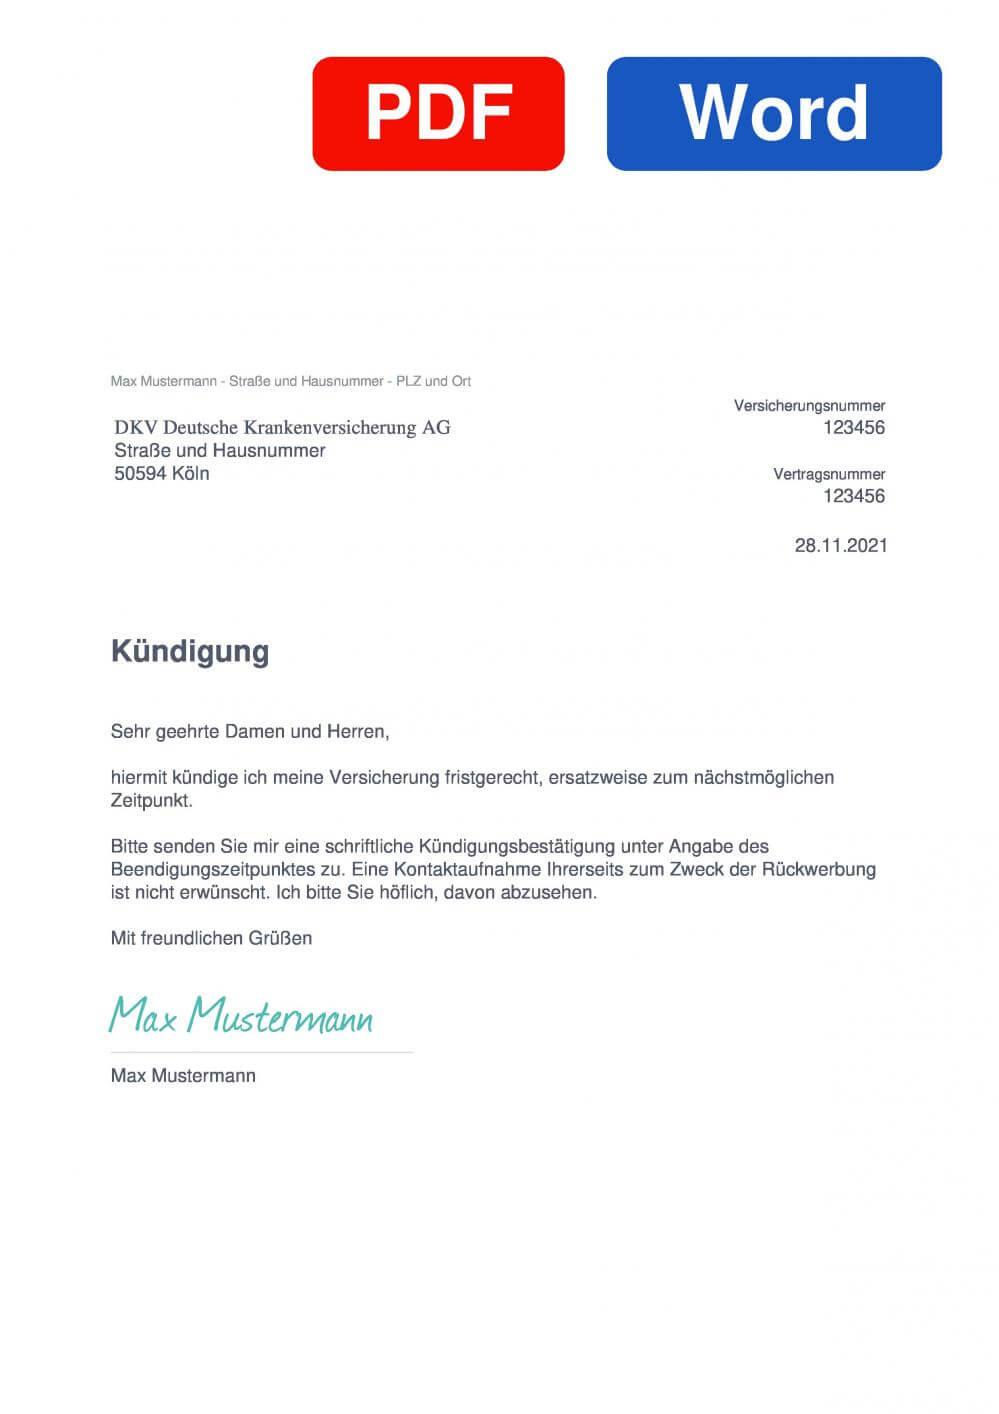 DKV Versicherung Muster Vorlage für Kündigungsschreiben